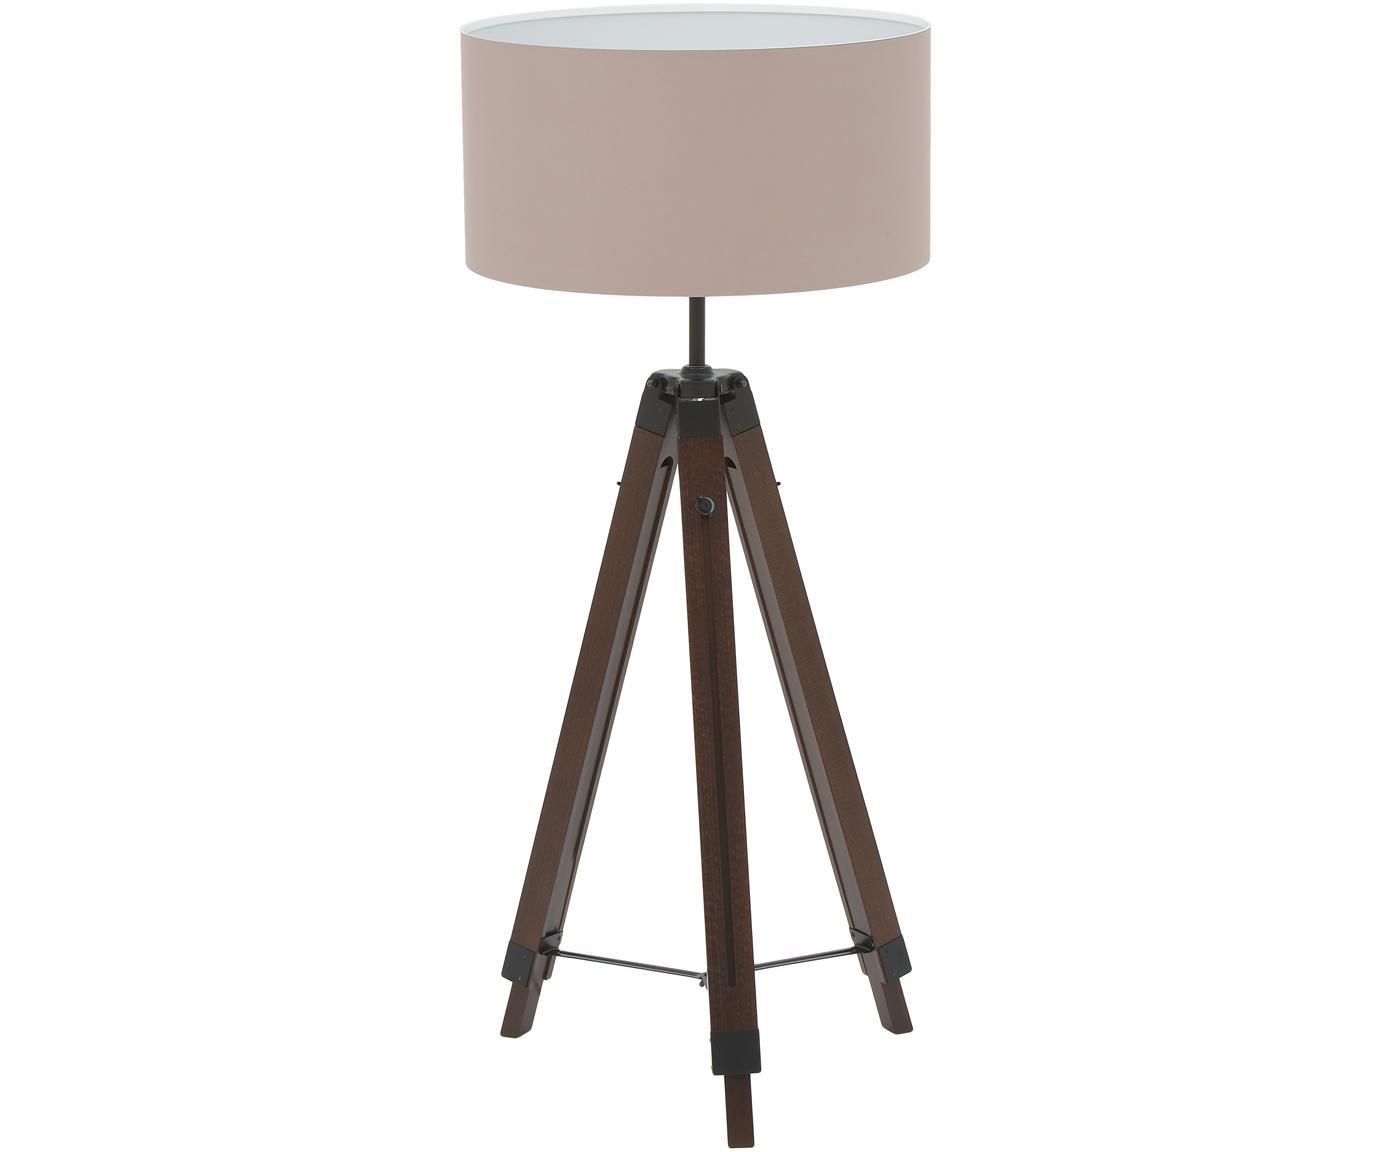 Lámpara de pie de nogal Josey, Pantalla: tela, Nogal, negro, gris pardo, Ø 70 x Al 150 cm